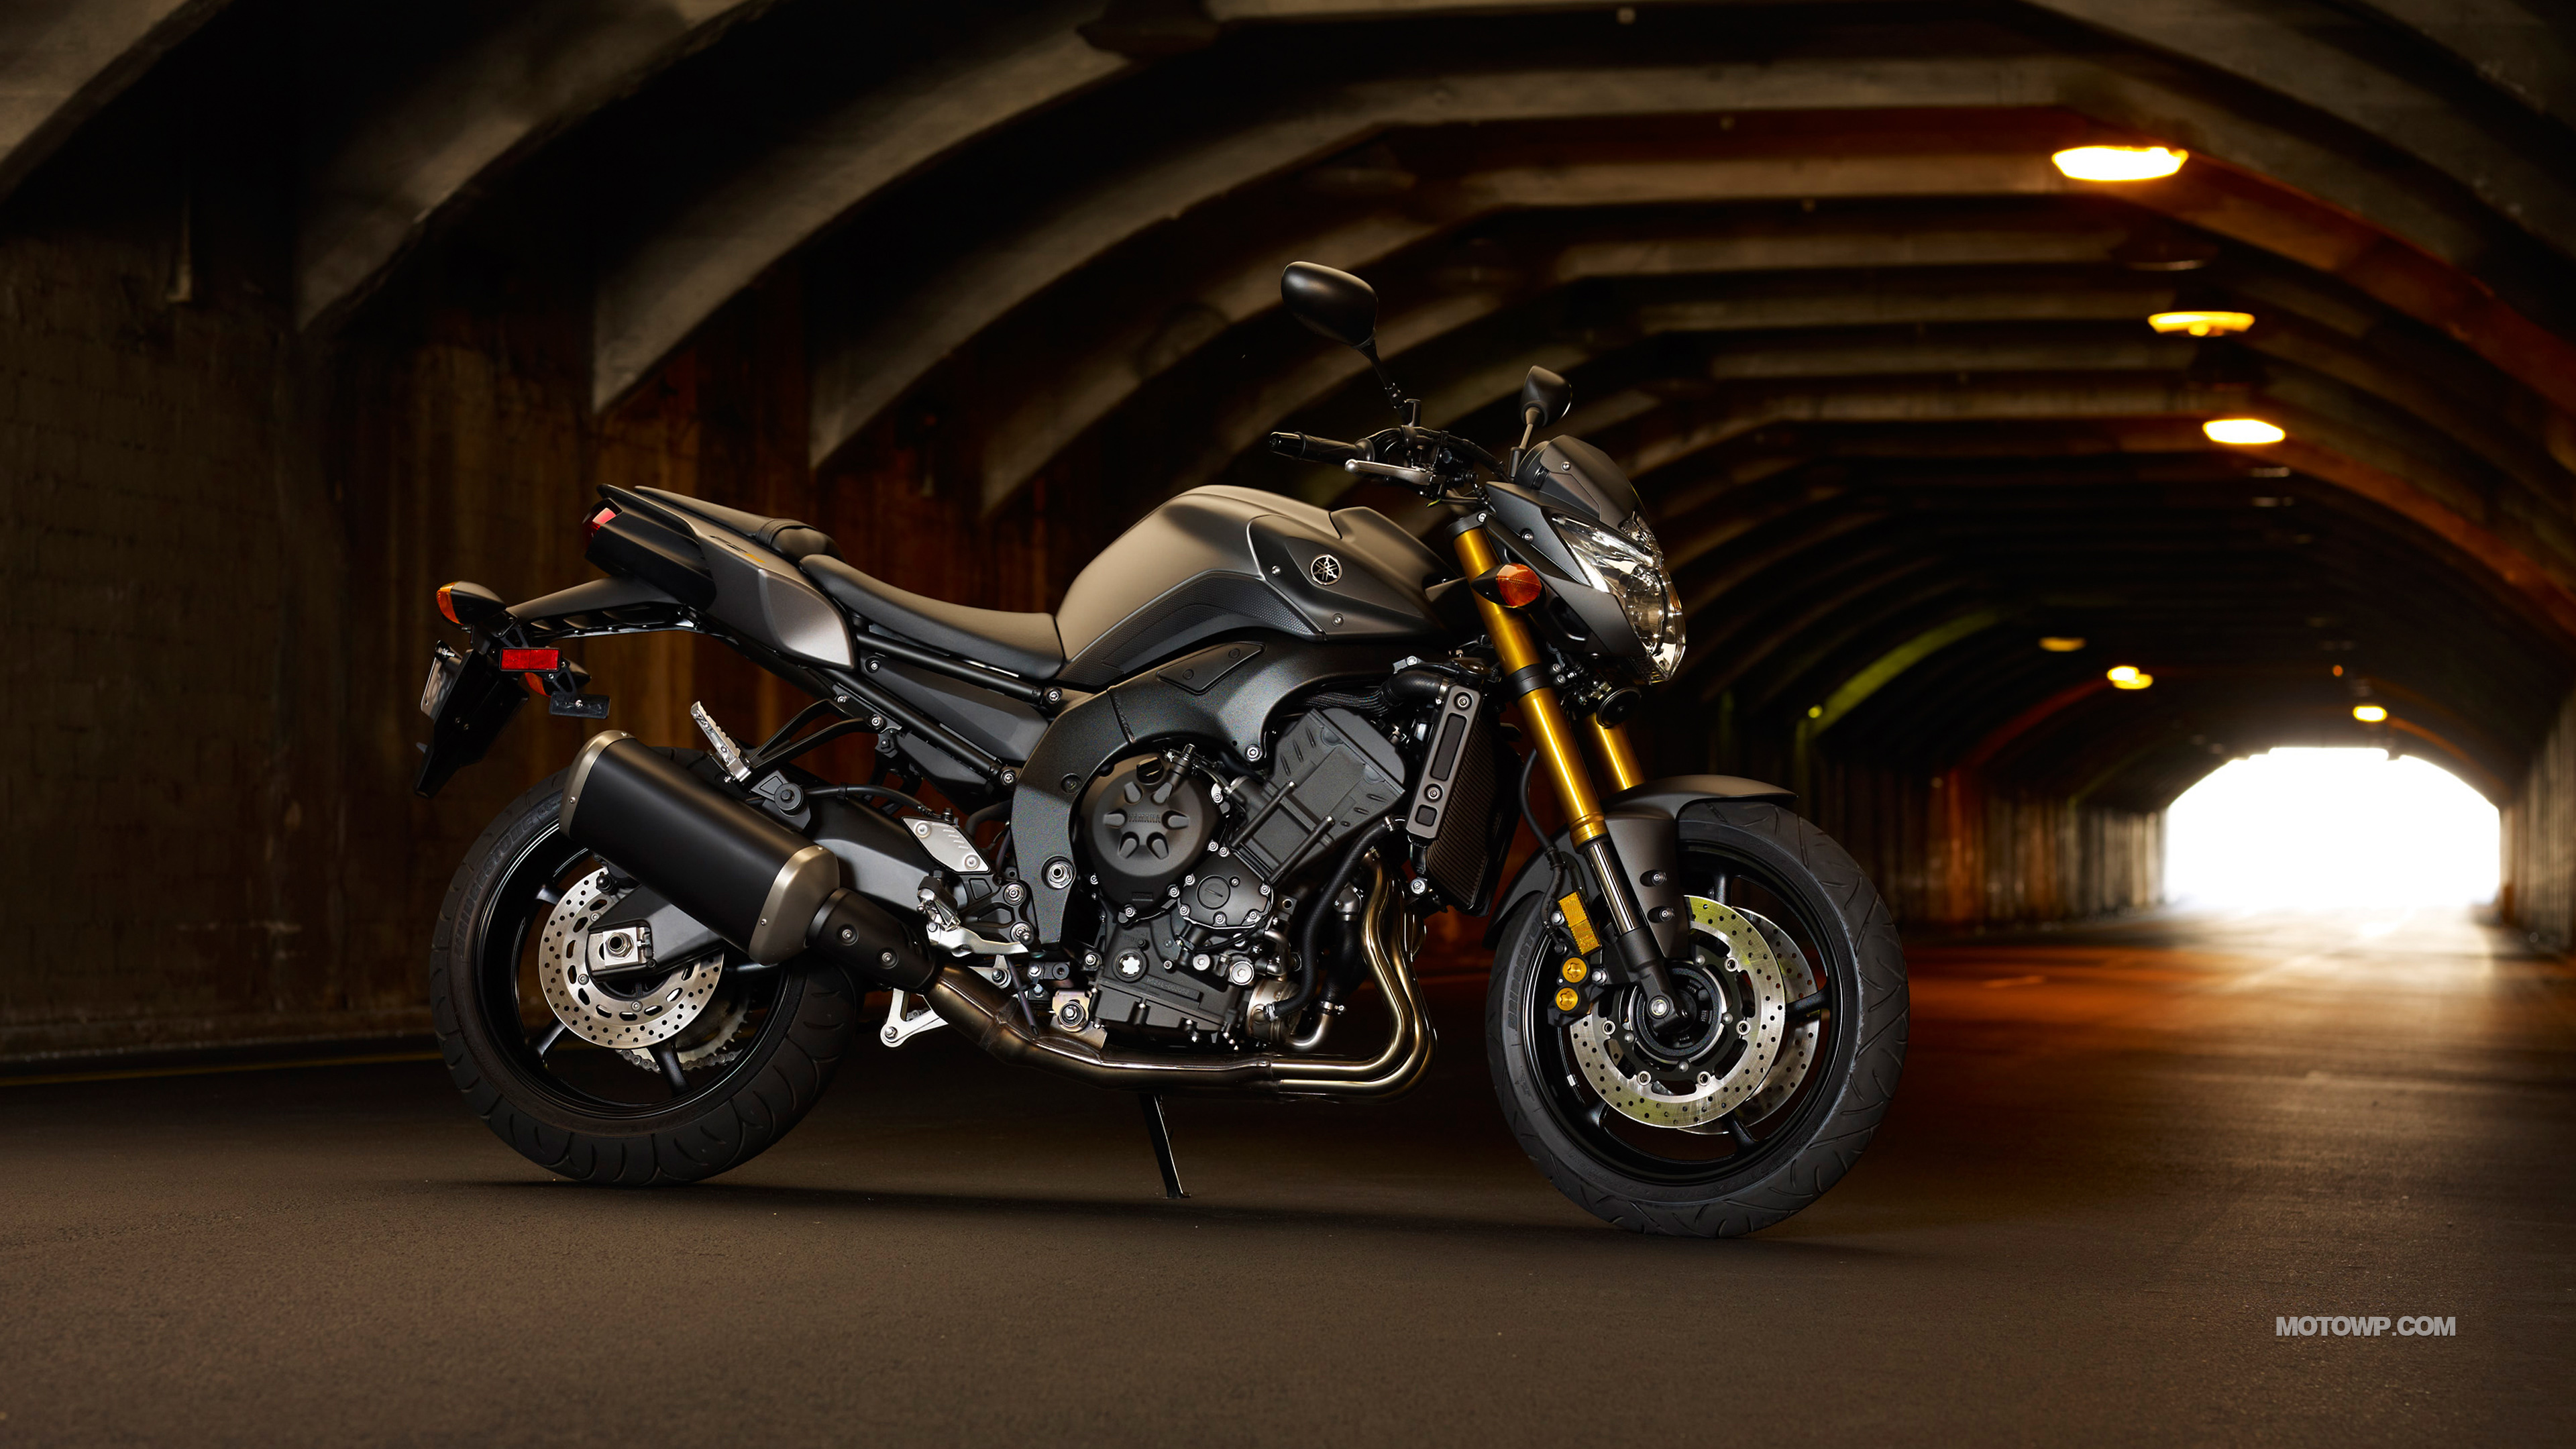 Motorcycles desktop wallpapers Yamaha FZ8   2012 3840x2160